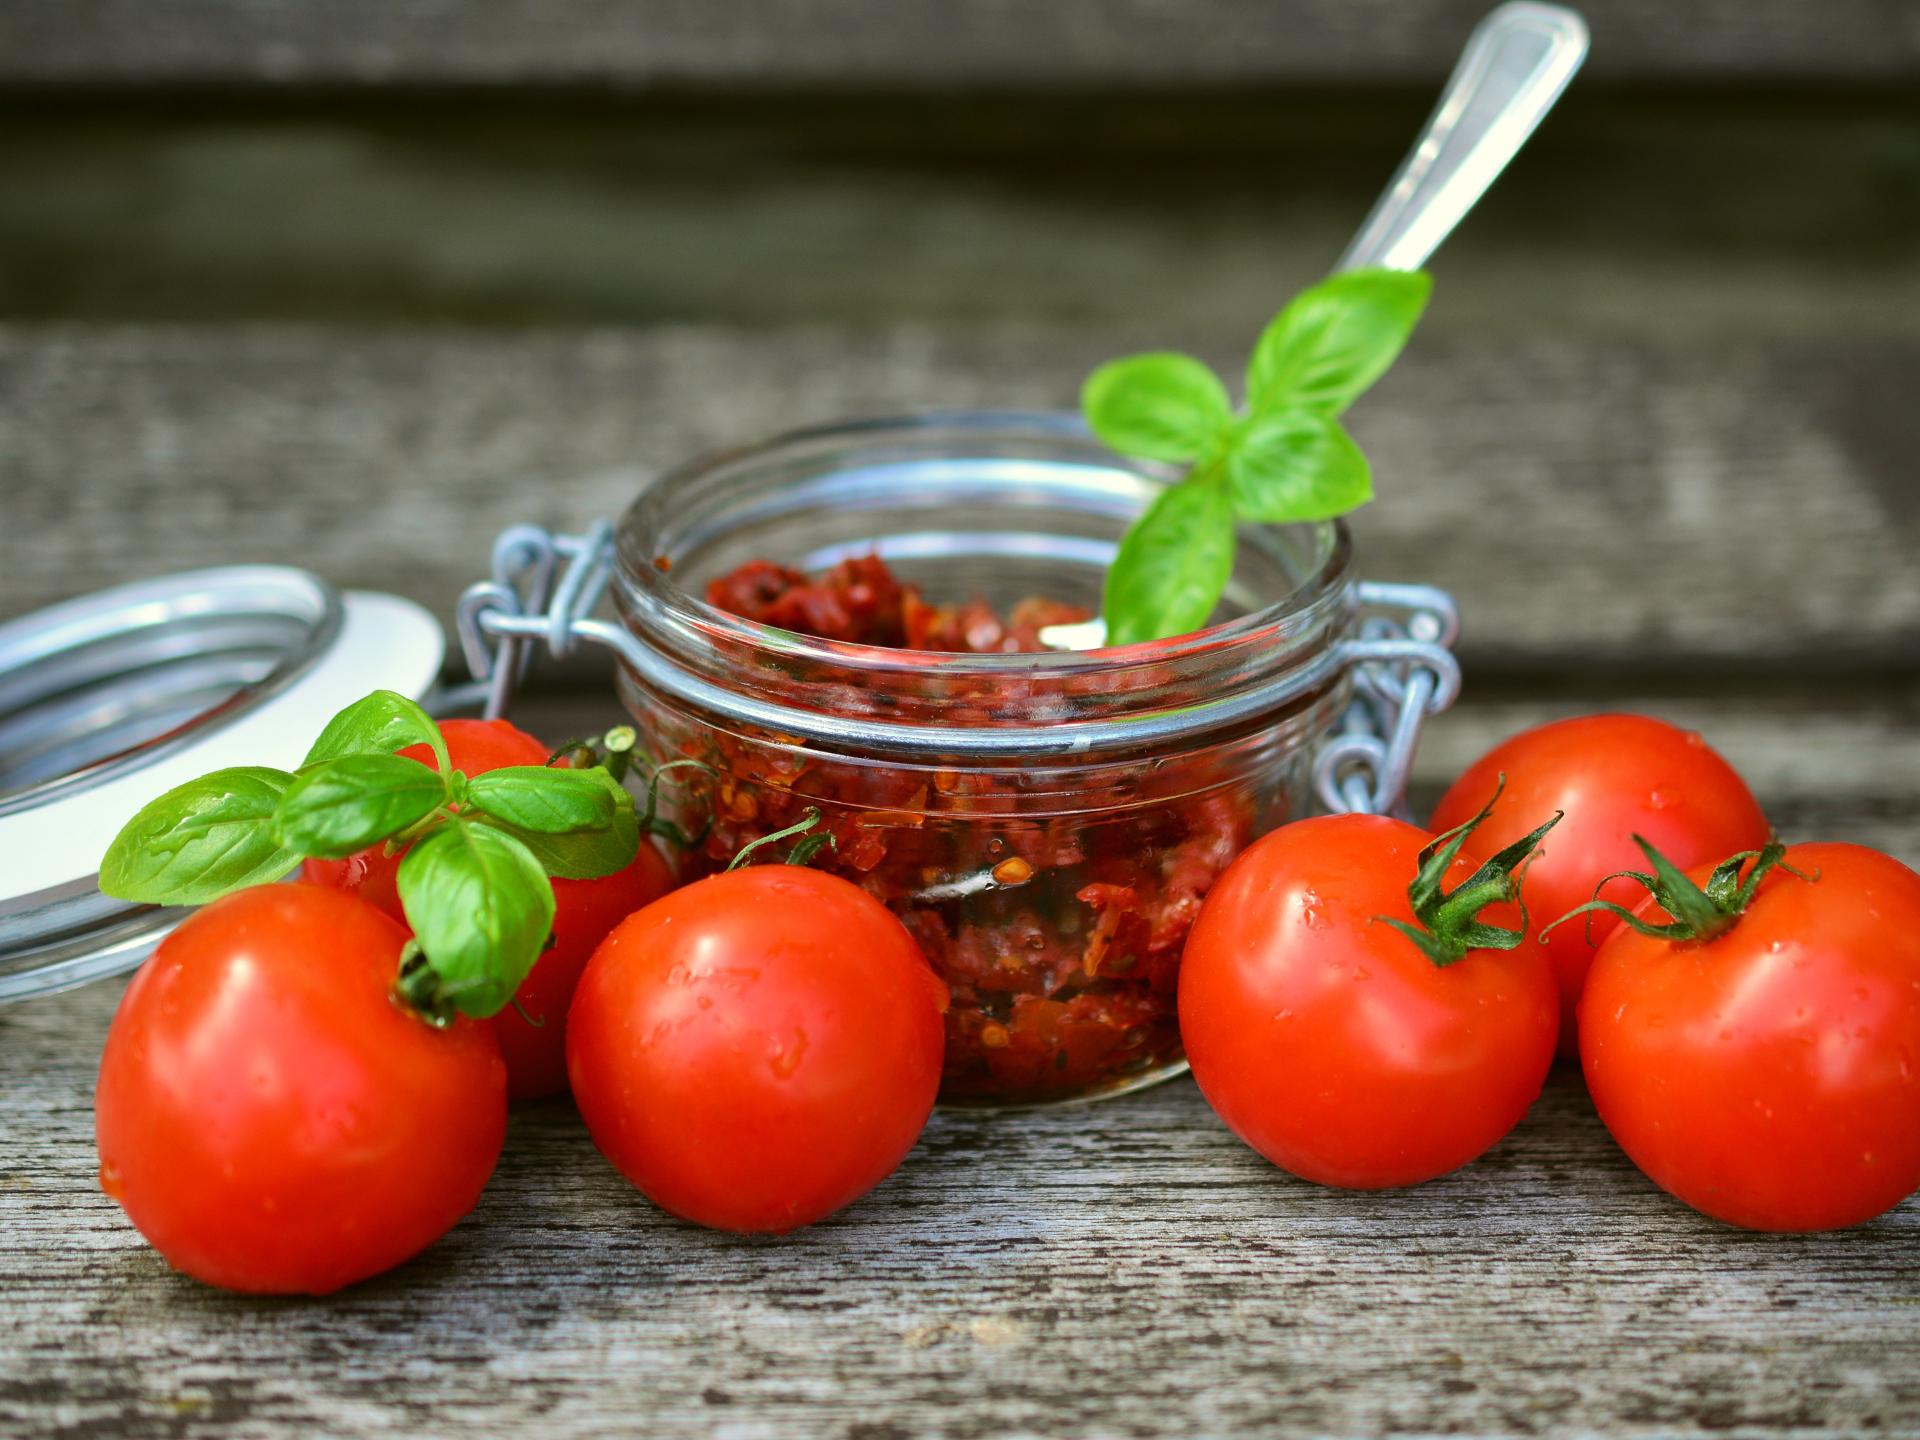 Getrocknete Paradeiser können den Geschmack von fast jedem Gericht aufwerten - Photocredit: pixabay.com/congerdesign